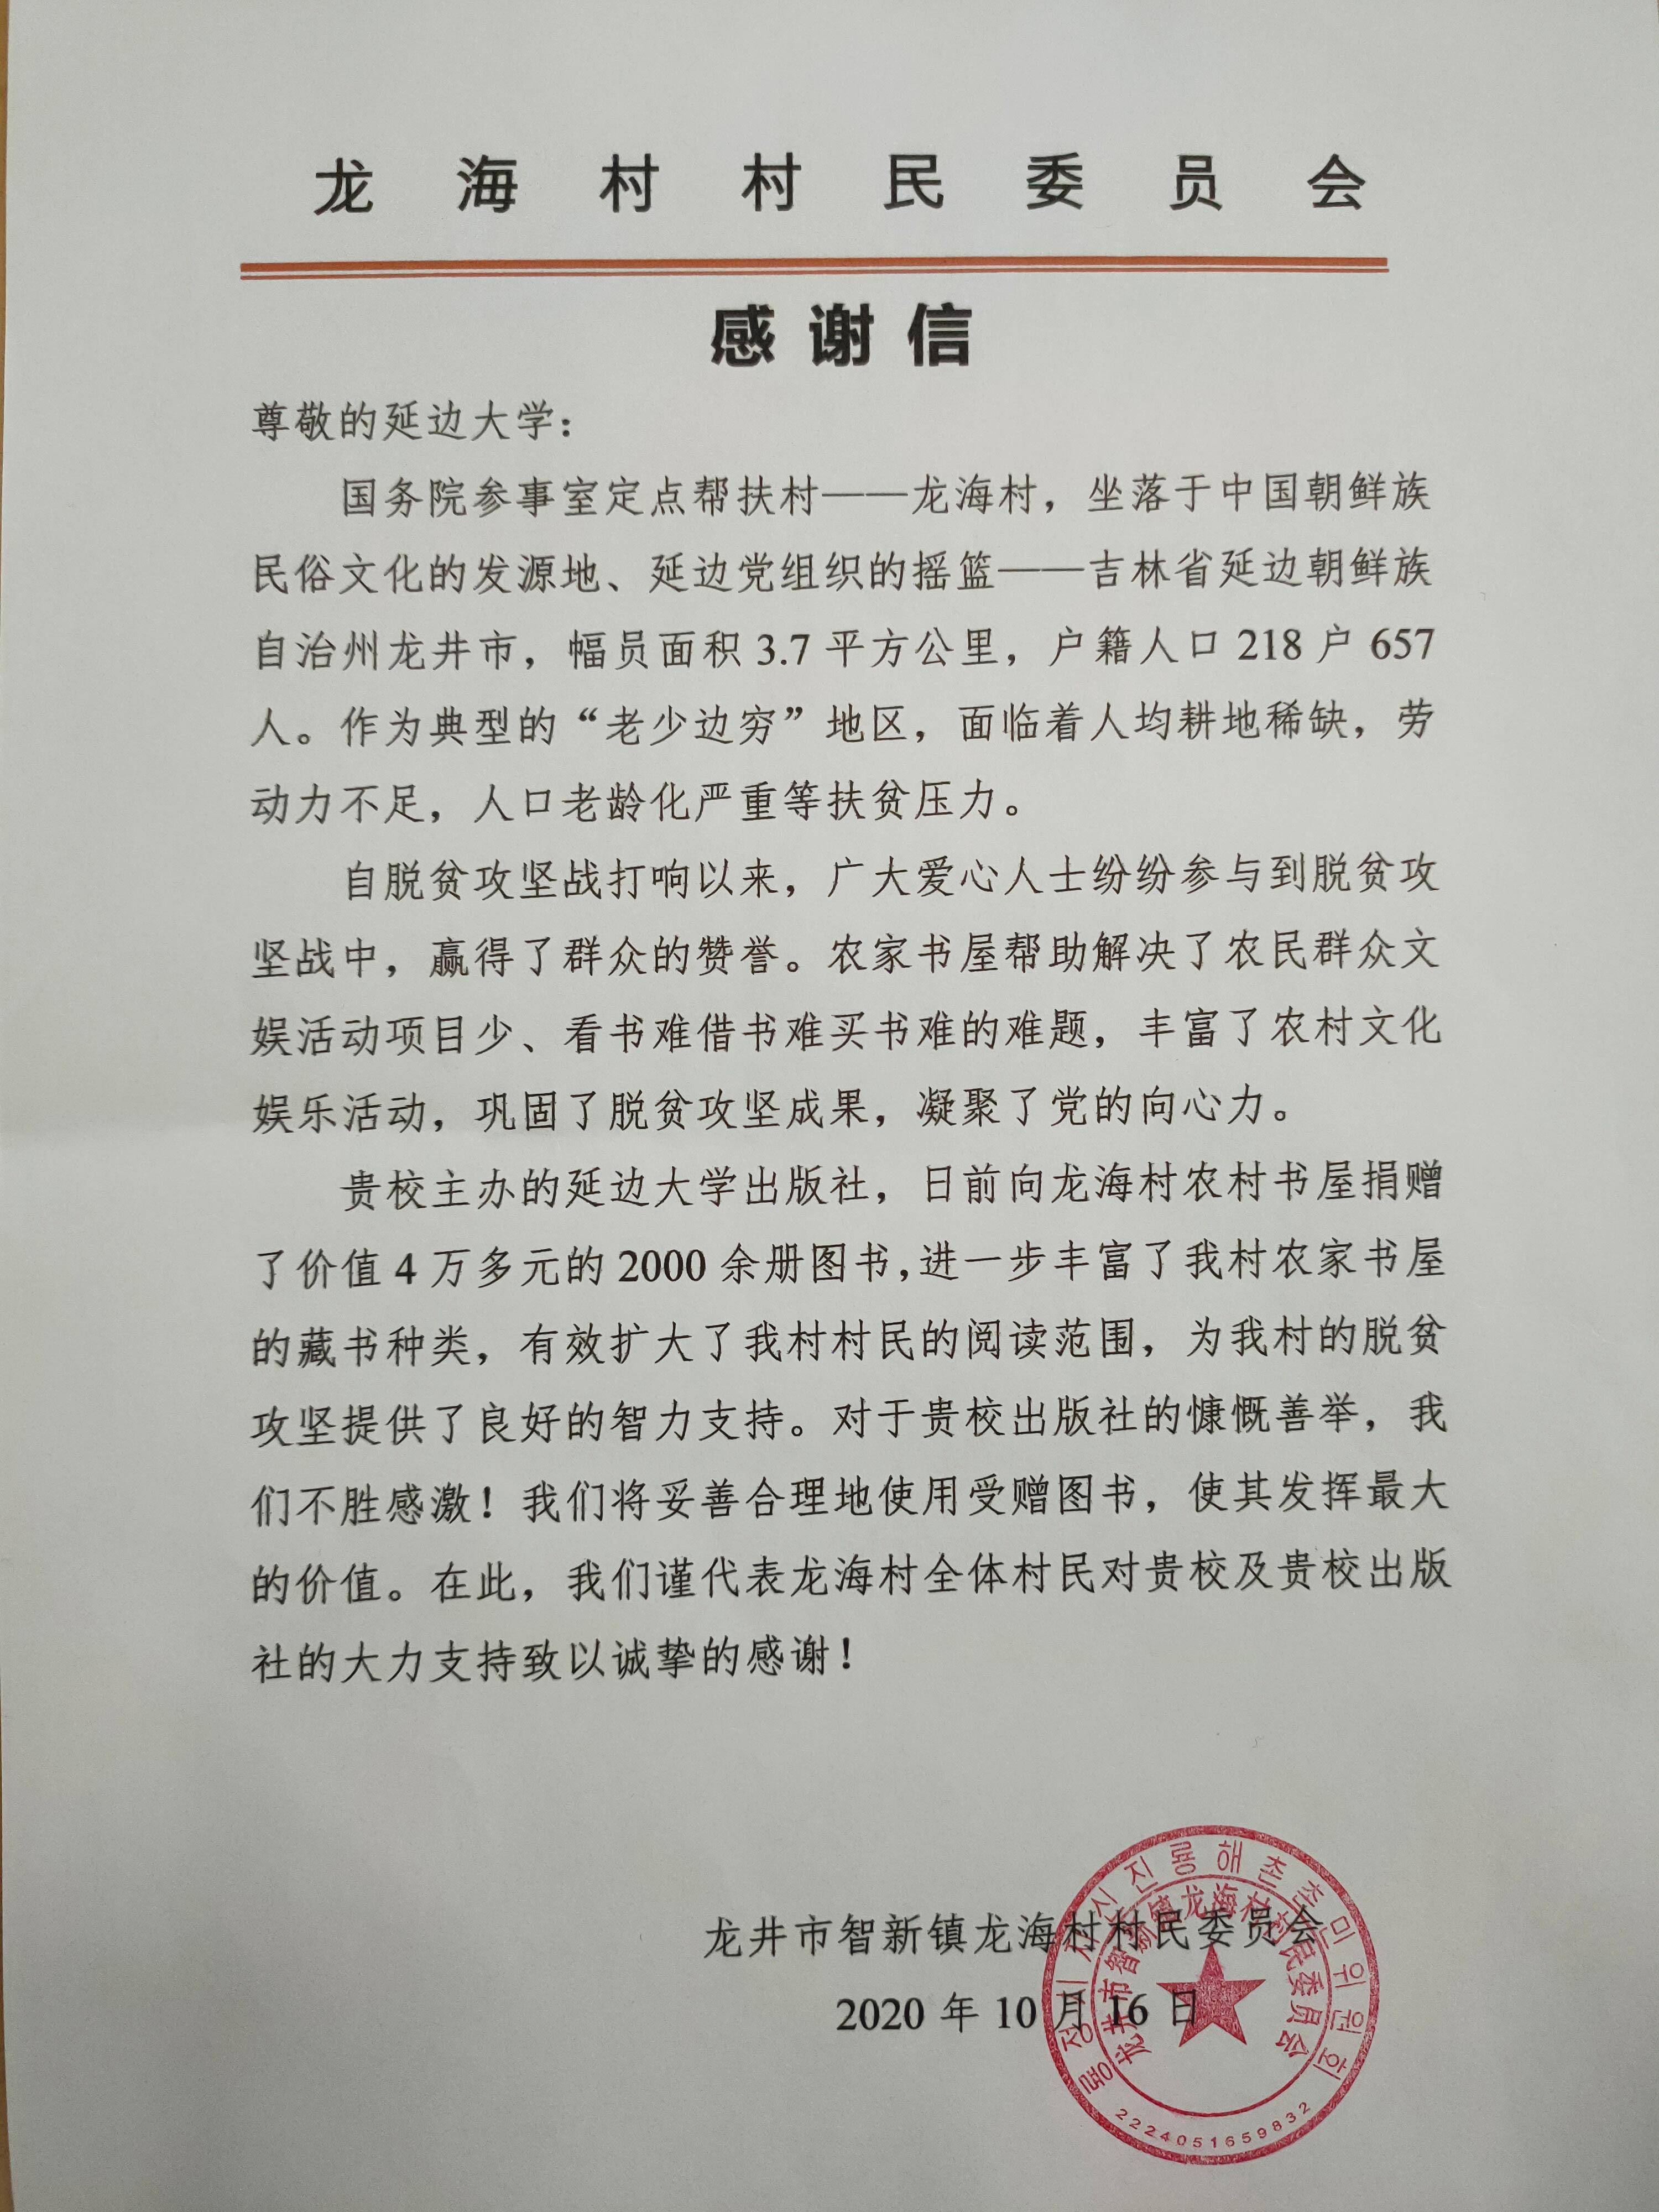 龙海村村民委员会向延边大学发来感谢信,并向我社赠予感谢牌